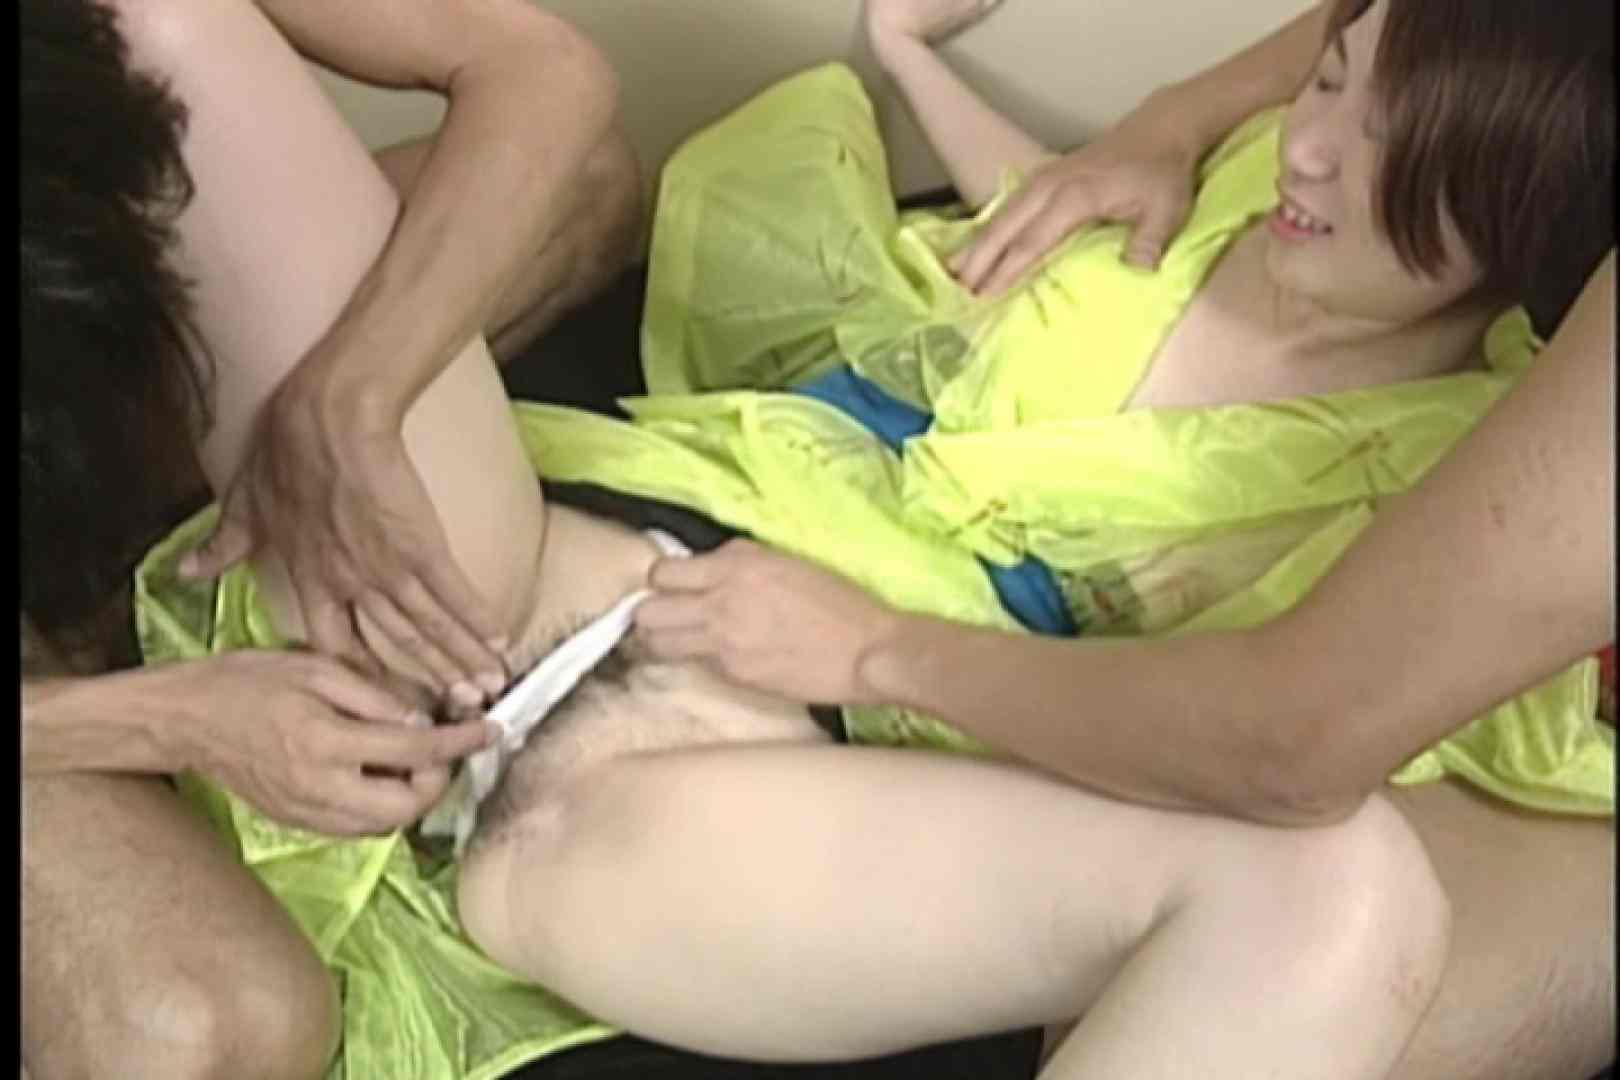 セクシー浴衣、おっぱいが透けて見えてますよ~清水美沙~ バイブプレイ セックス無修正動画無料 112pic 58